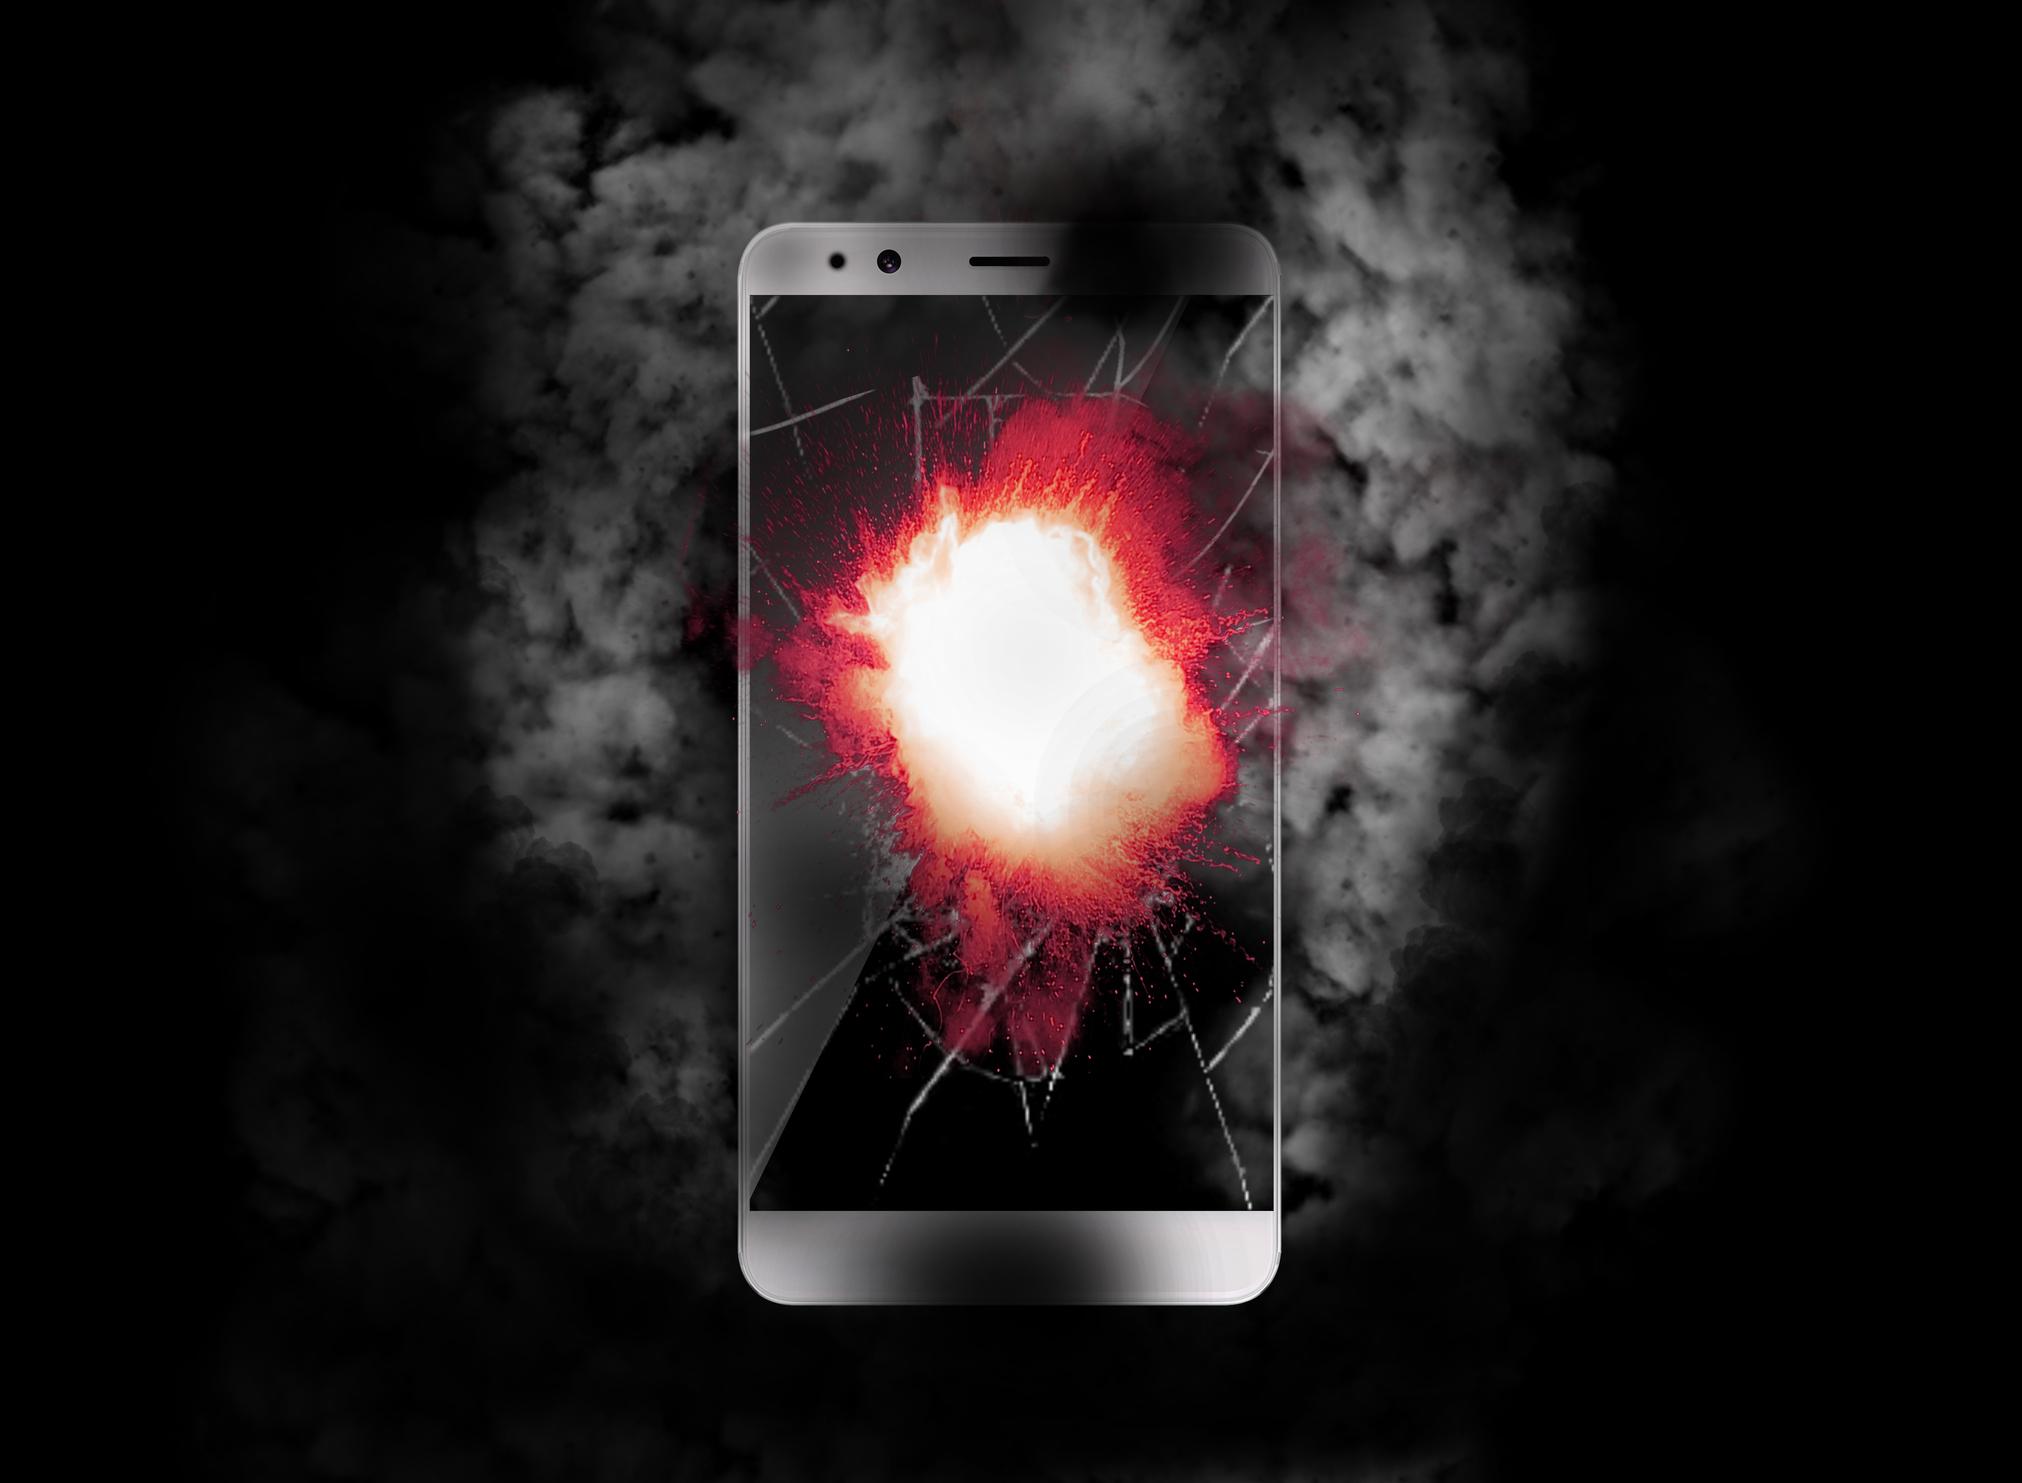 Burning cellphone